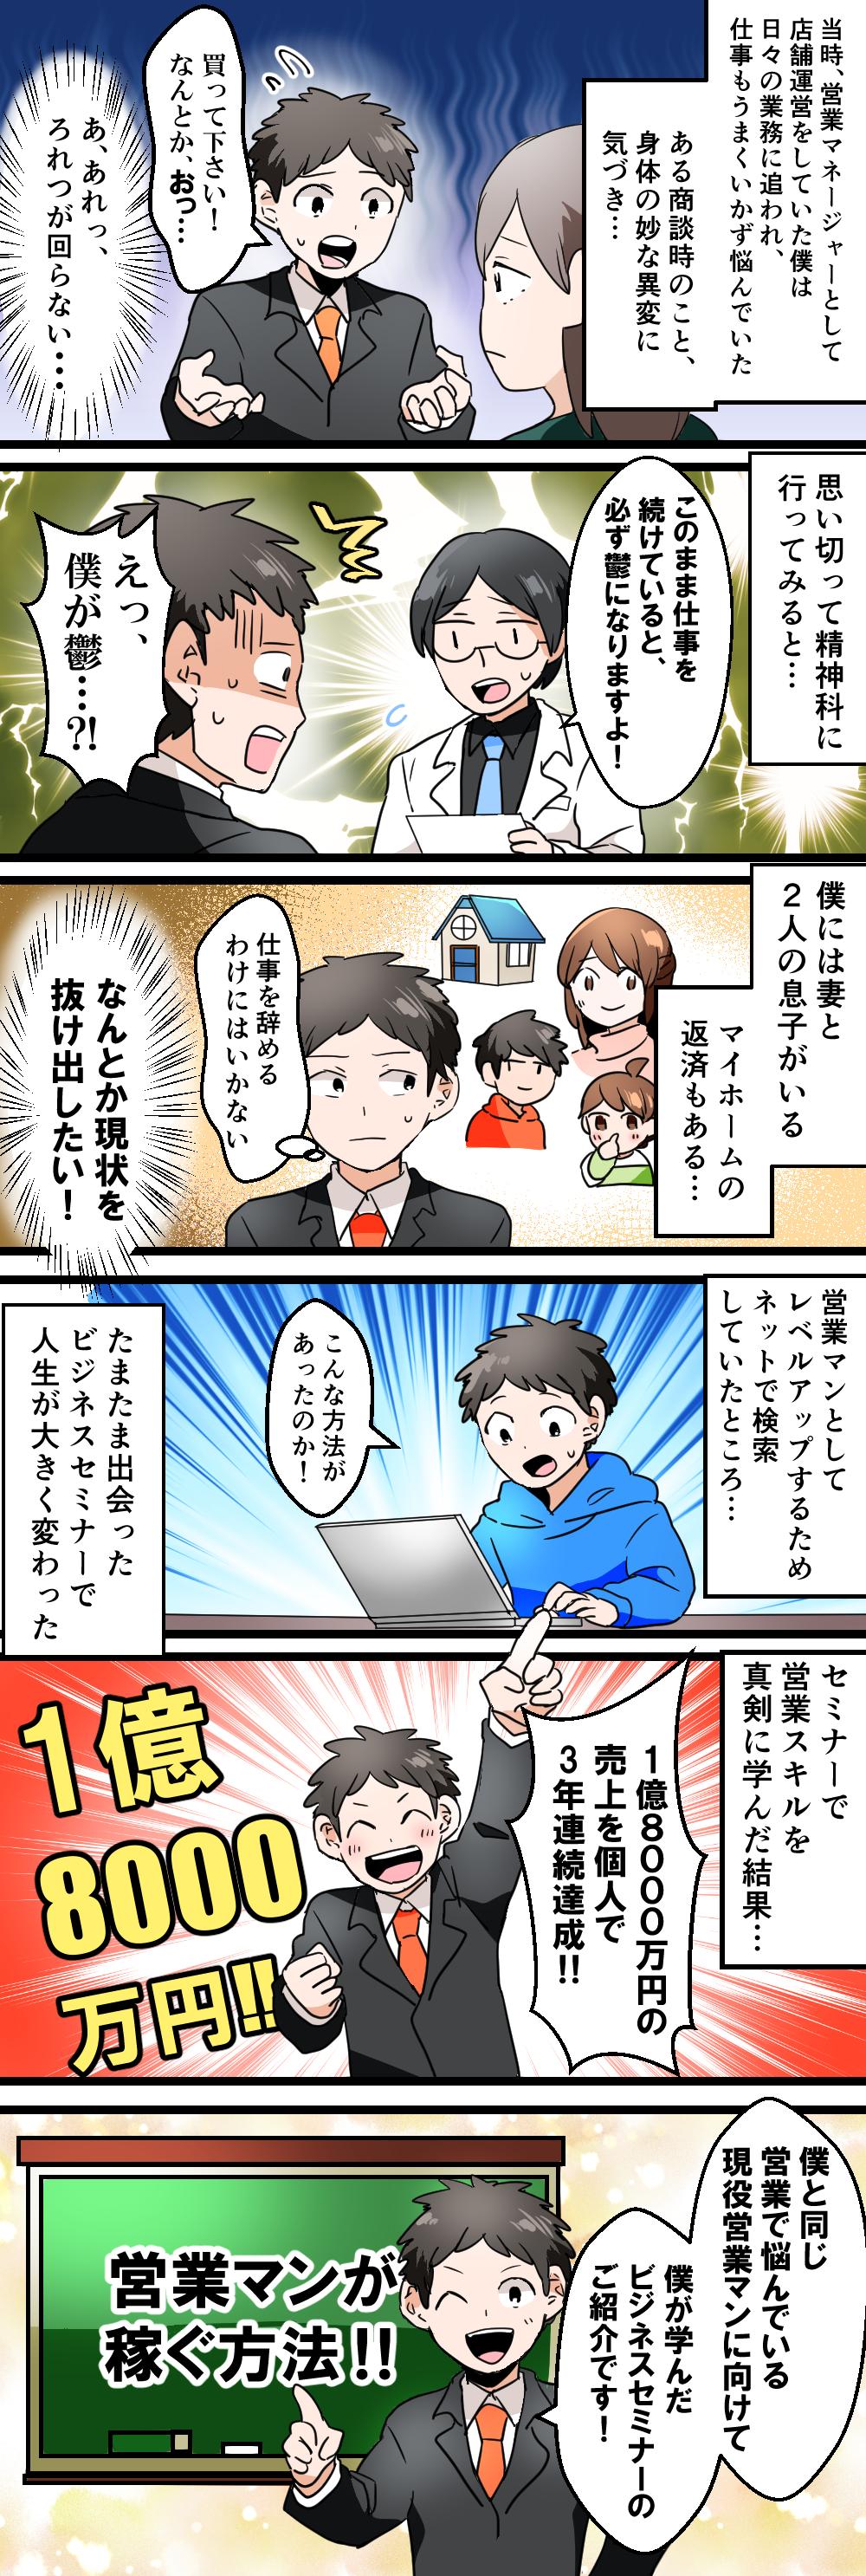 紹介記事マンガ